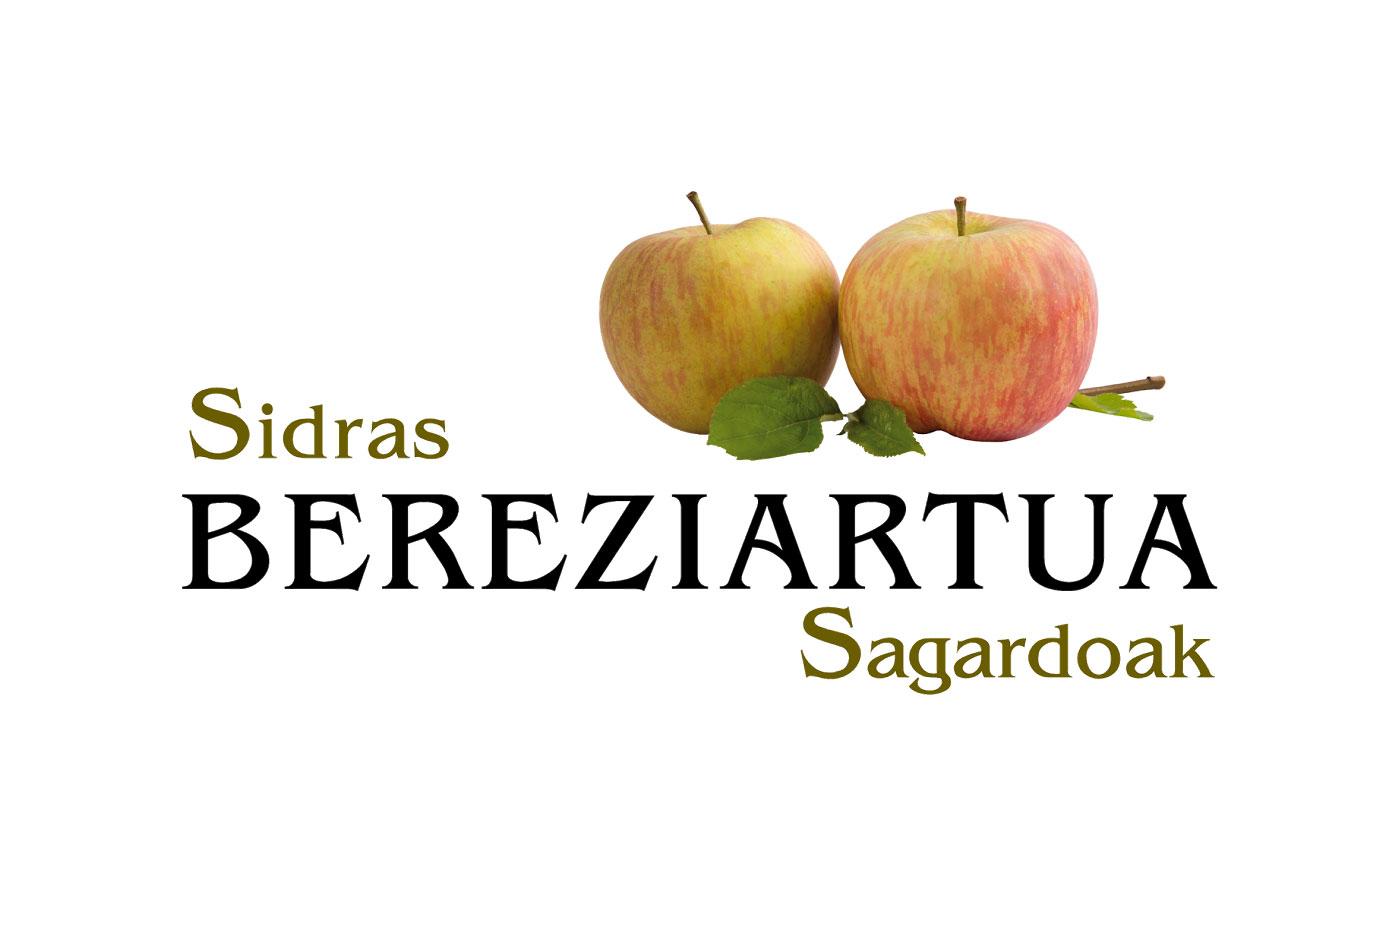 BEREZIARTUA